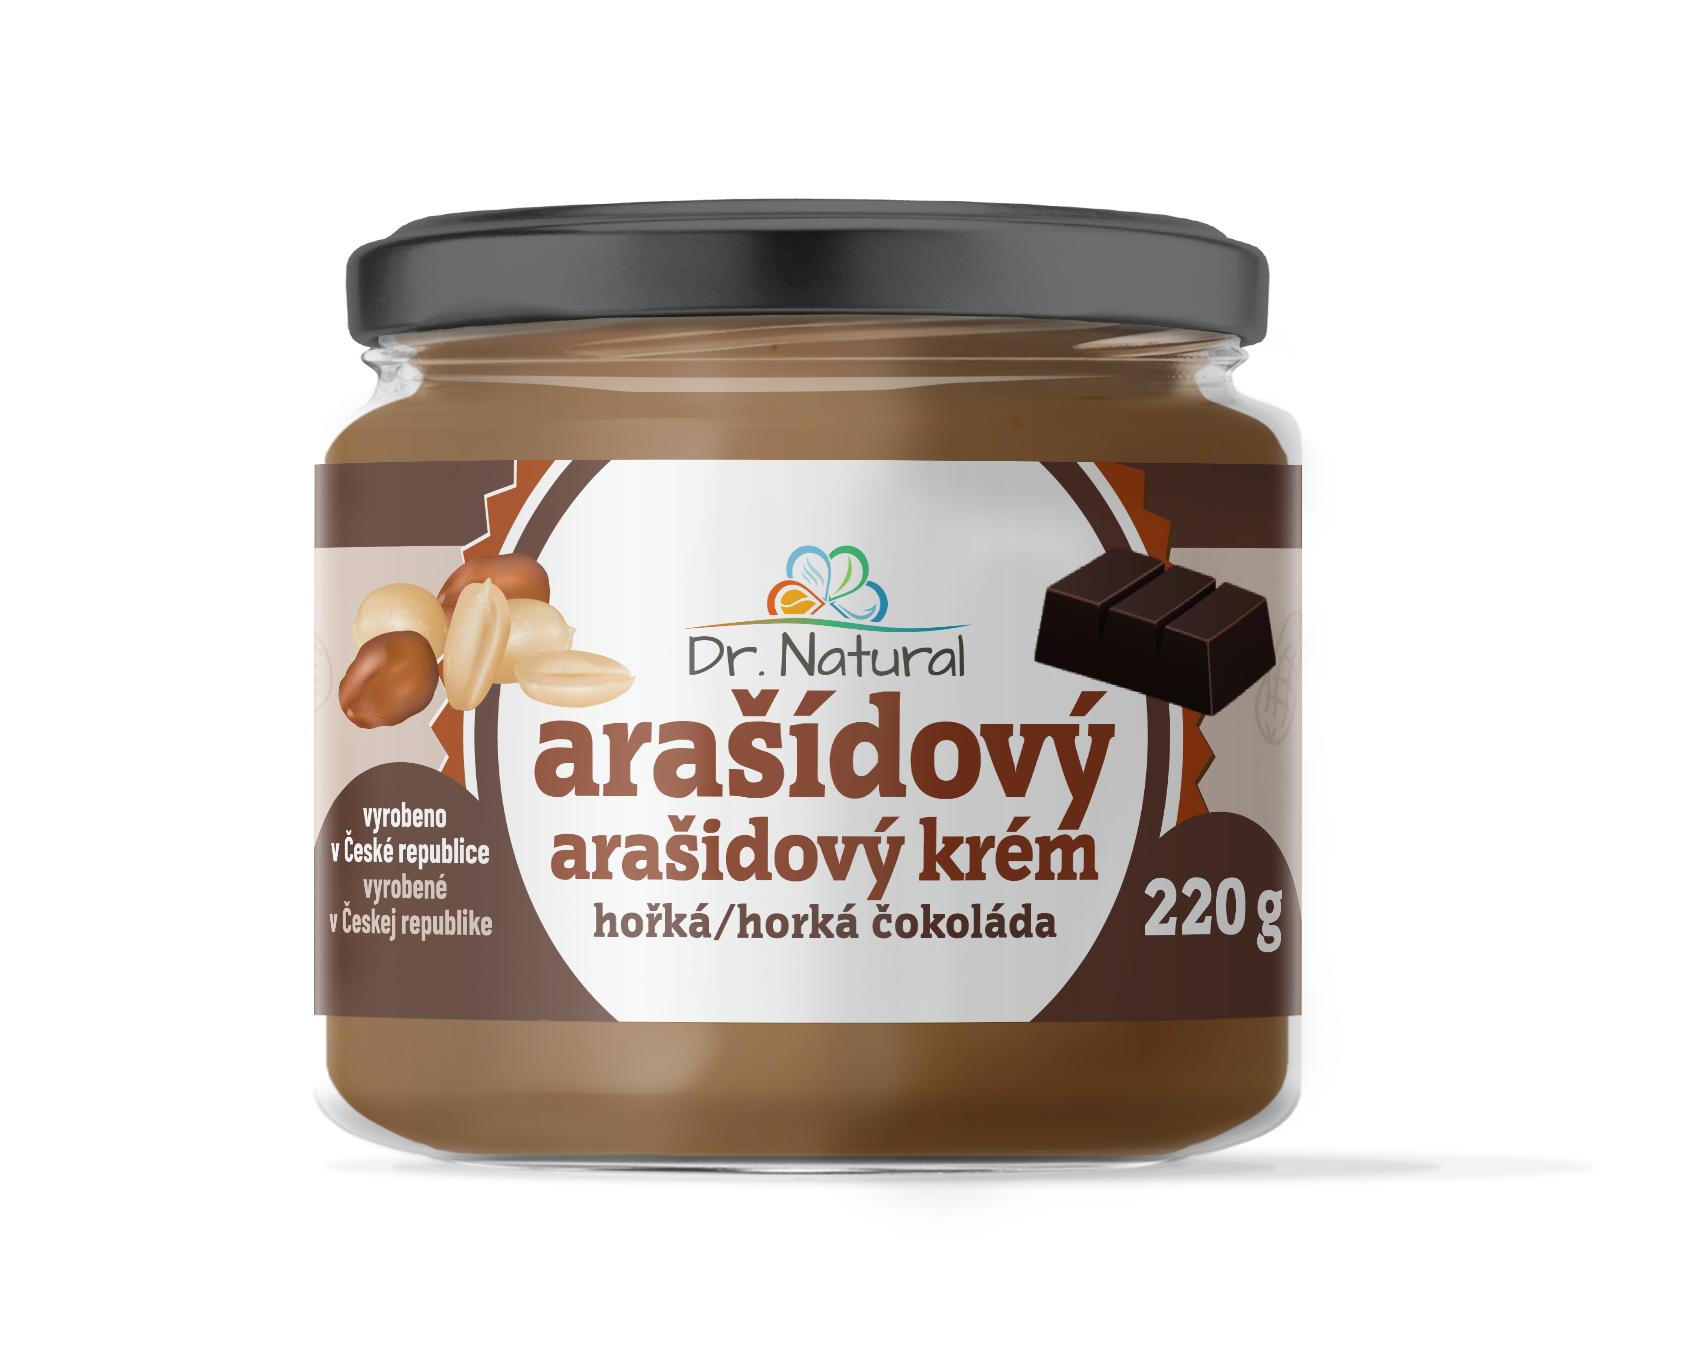 Dr.Natural Arašídový krém s hořkou čokoládou 220g